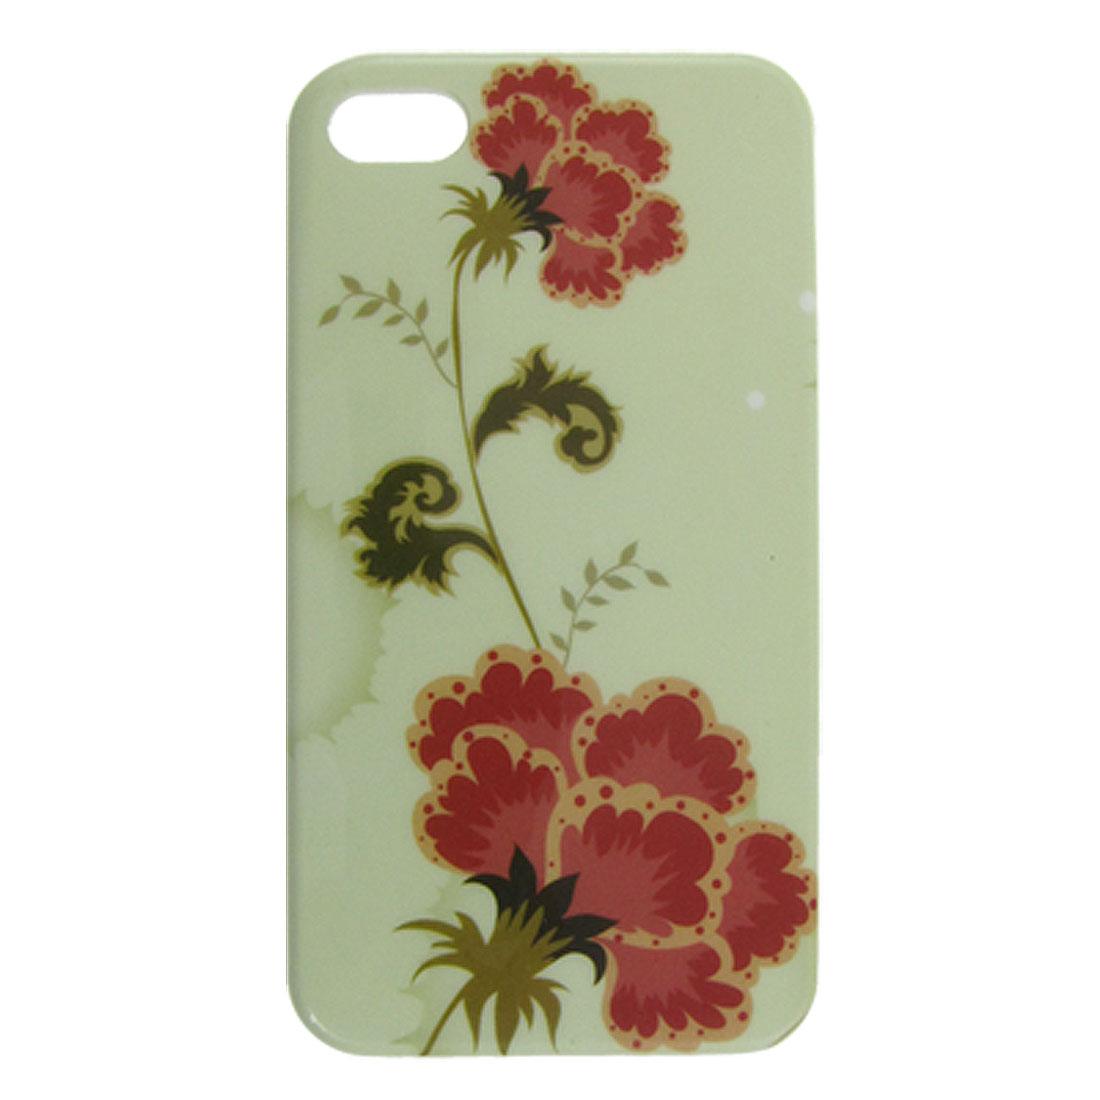 Hard Plastic Flower Pattern IMD Back Case Green for iPhone 4 4G 4S